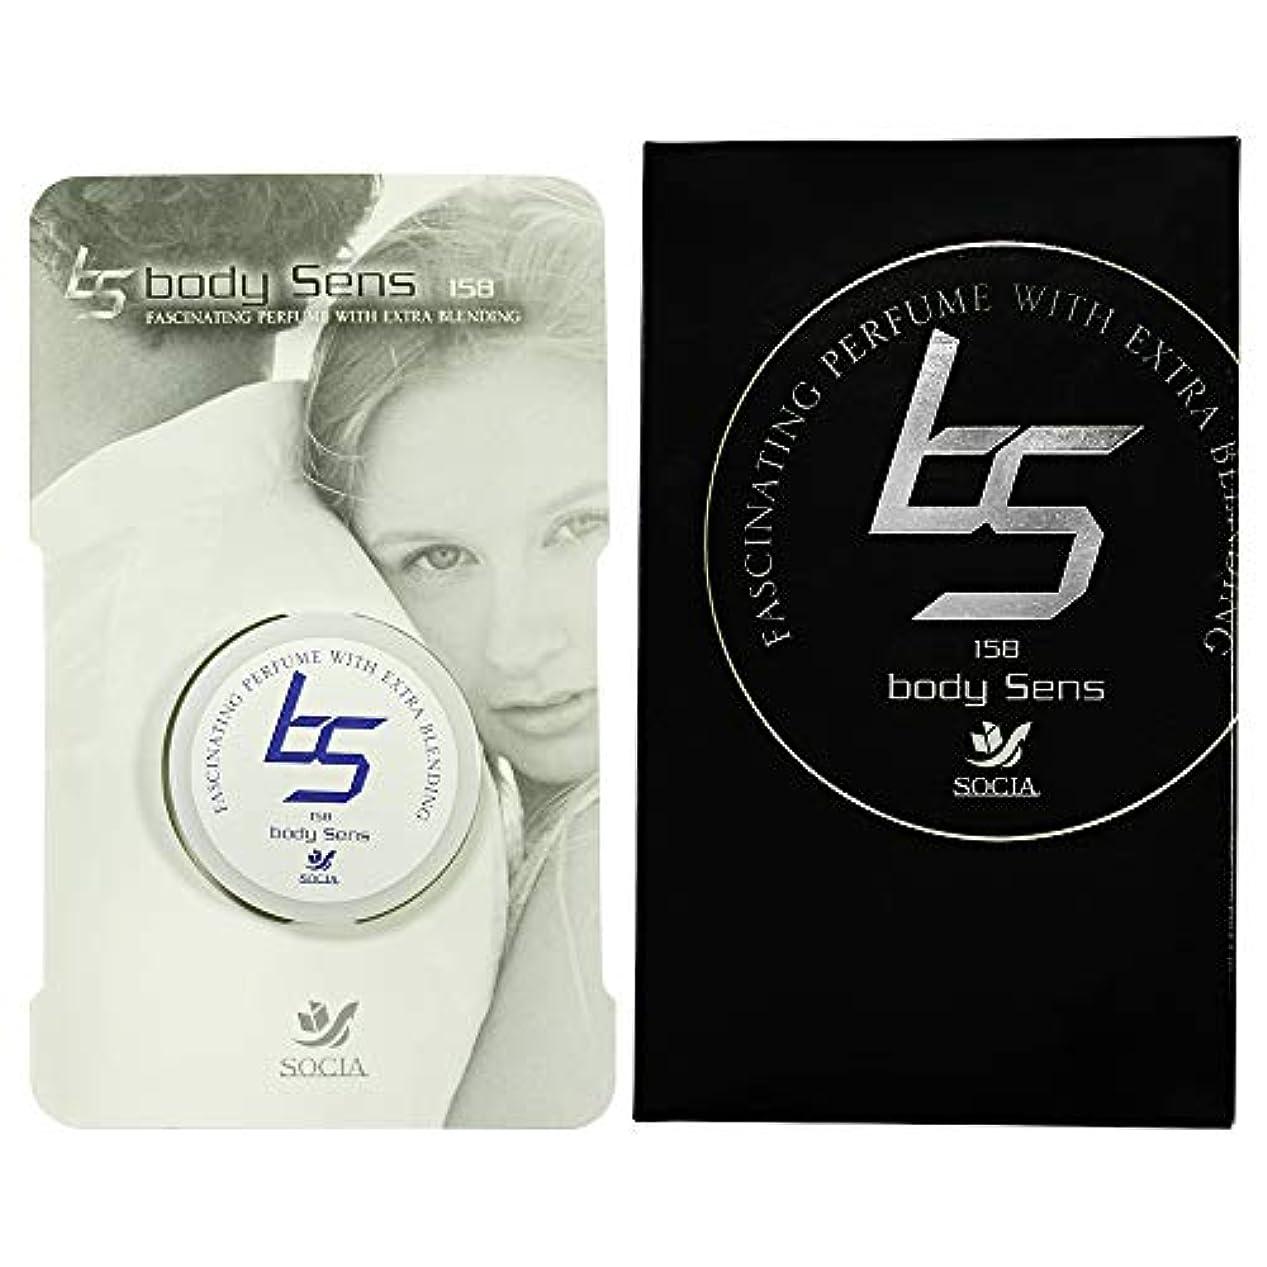 のため望ましいライブソシア (SOCIA) ボディセンス 男性用 魅力を広げる フェロモン 香水 (微香性 ムスク系の香り) メンズ用 練り香水 (4g 約1ヶ月分)